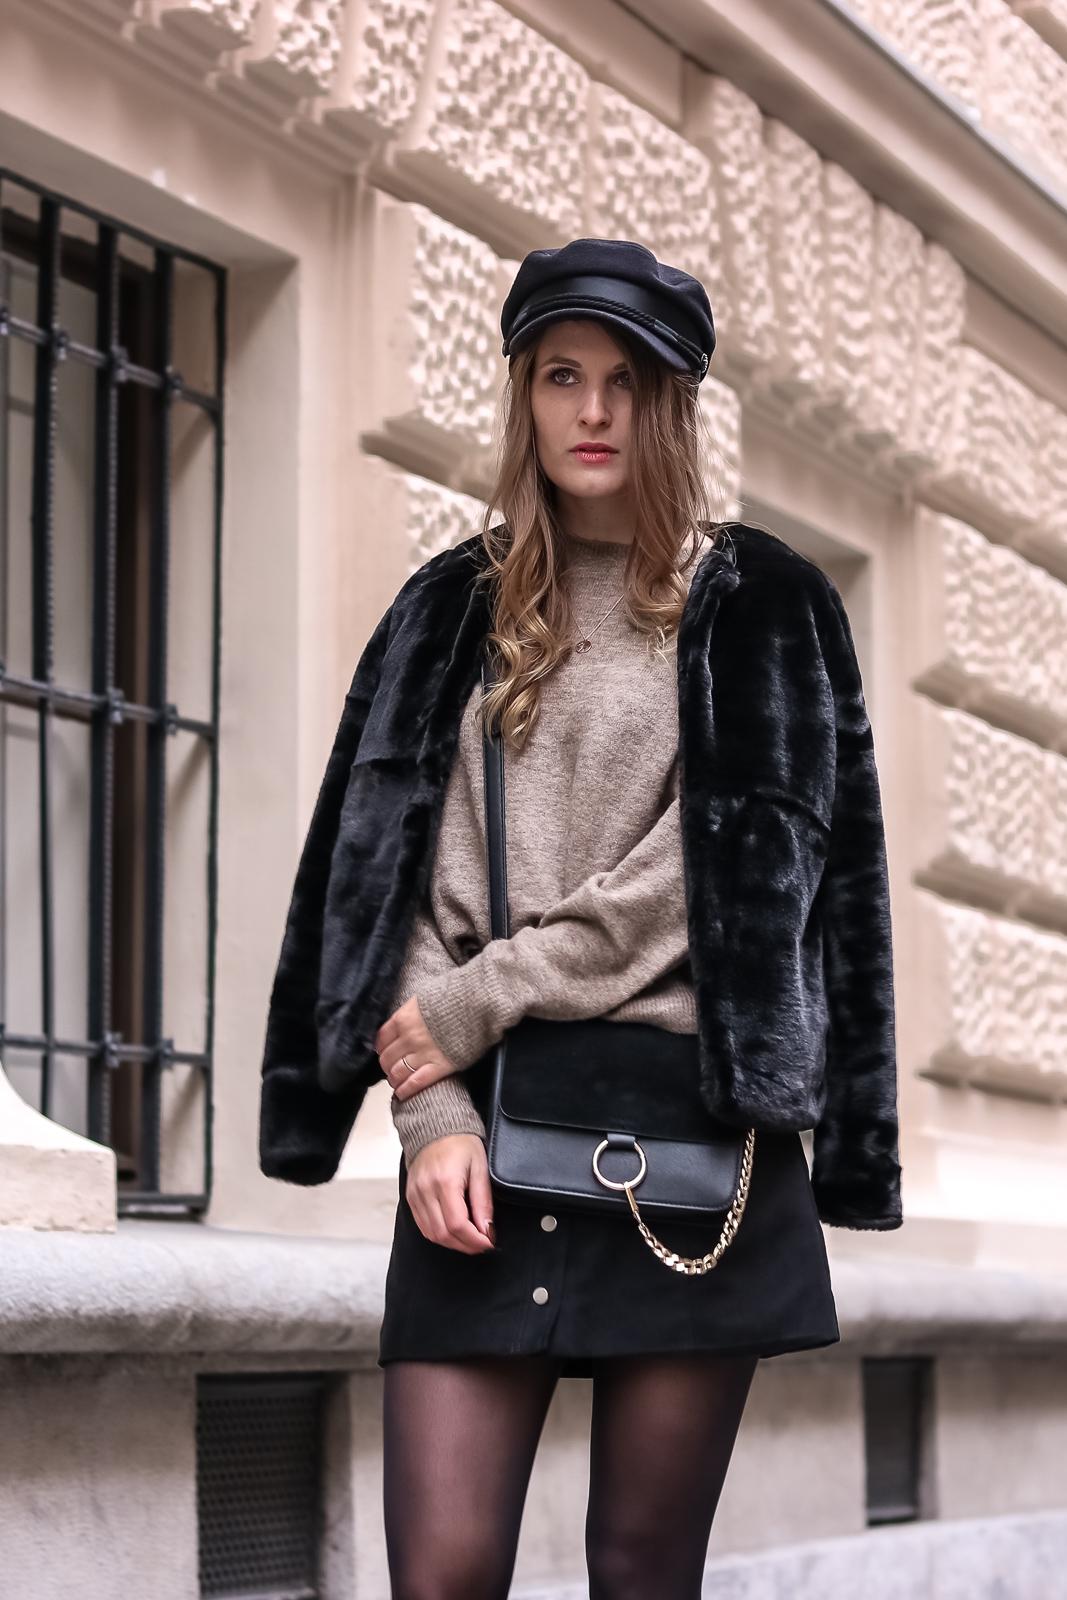 Fake Fur Jacken - Stylingtipps und Outfit Ideen - Kunstpelz Jacken und Mäntel kombinieren - Outfit Kombination mit Fake Fur Jacke - Fashion Tipps - Mode Tipps - Fashionladyloves by Tamara Wagner - Mode Blog aus Österreich